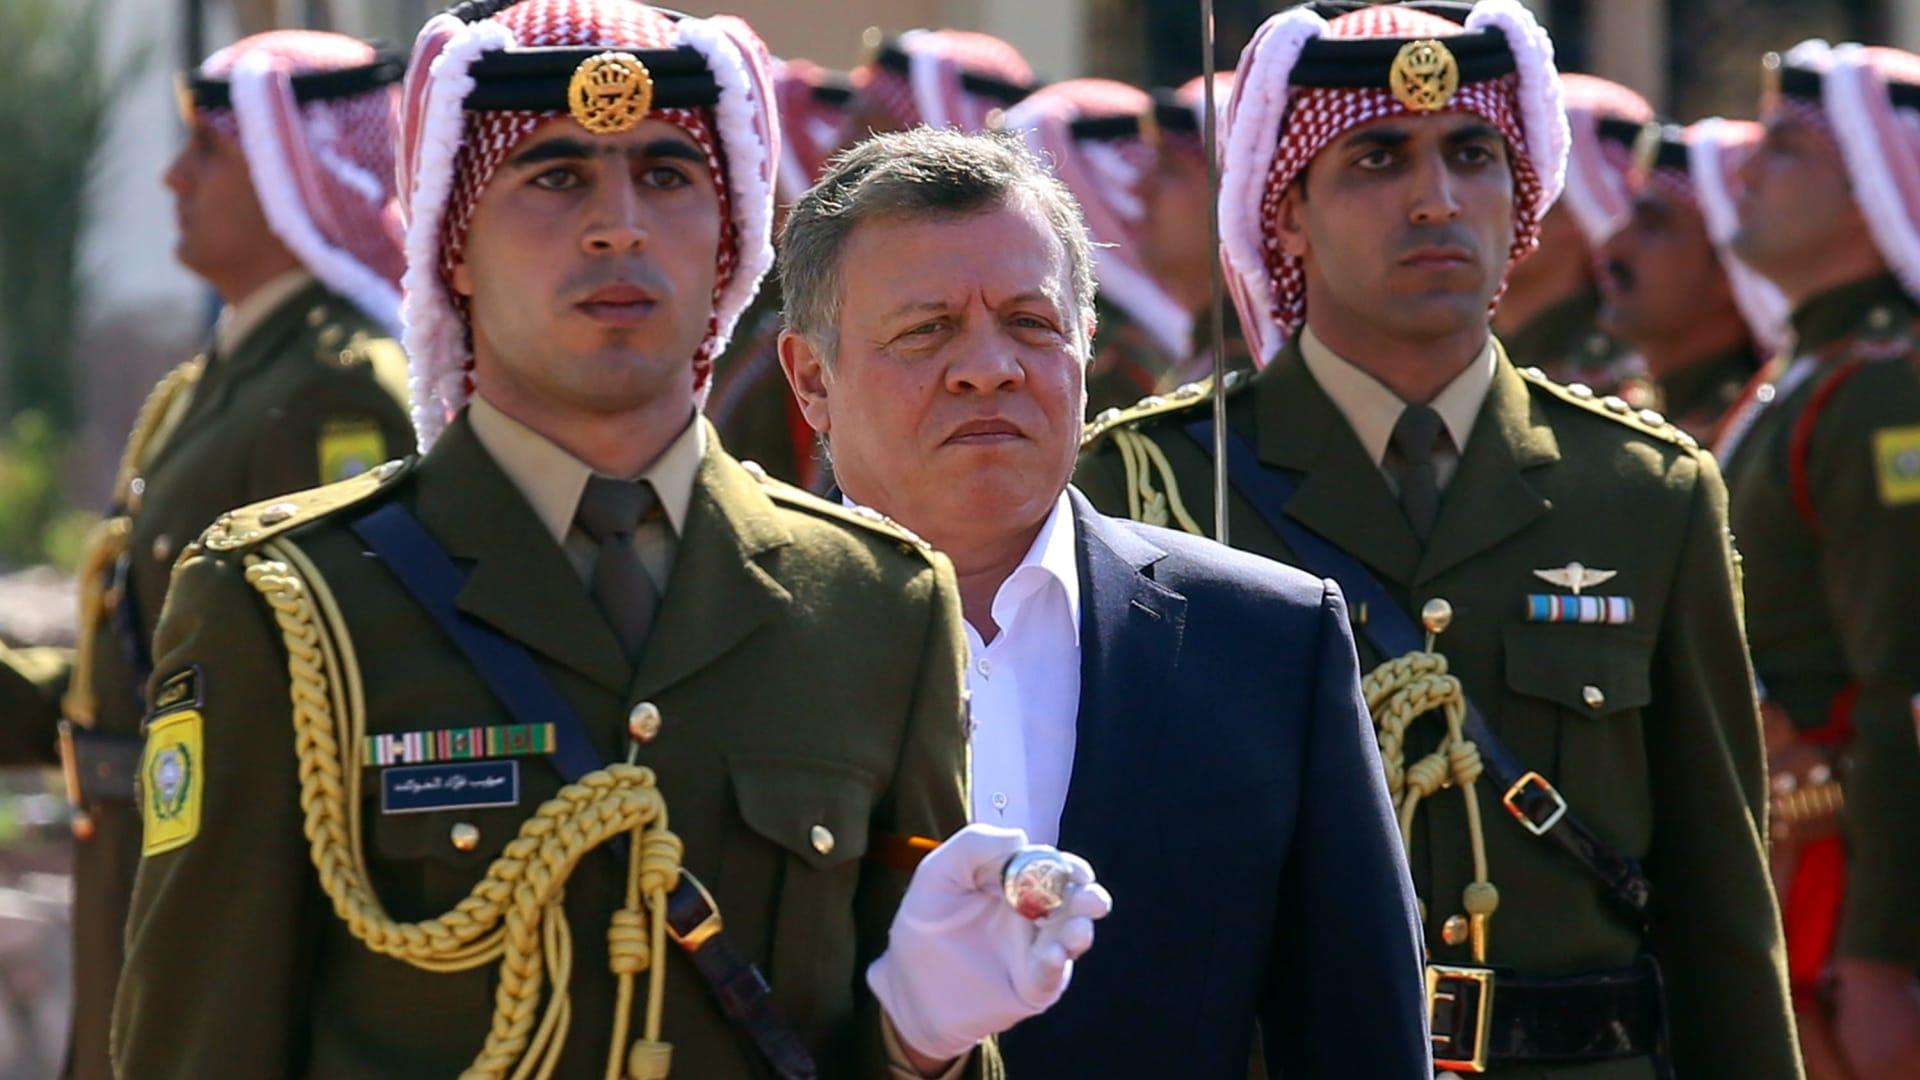 صورة أرشيفية للعاهل الأردني الملك عبدالله الثاني